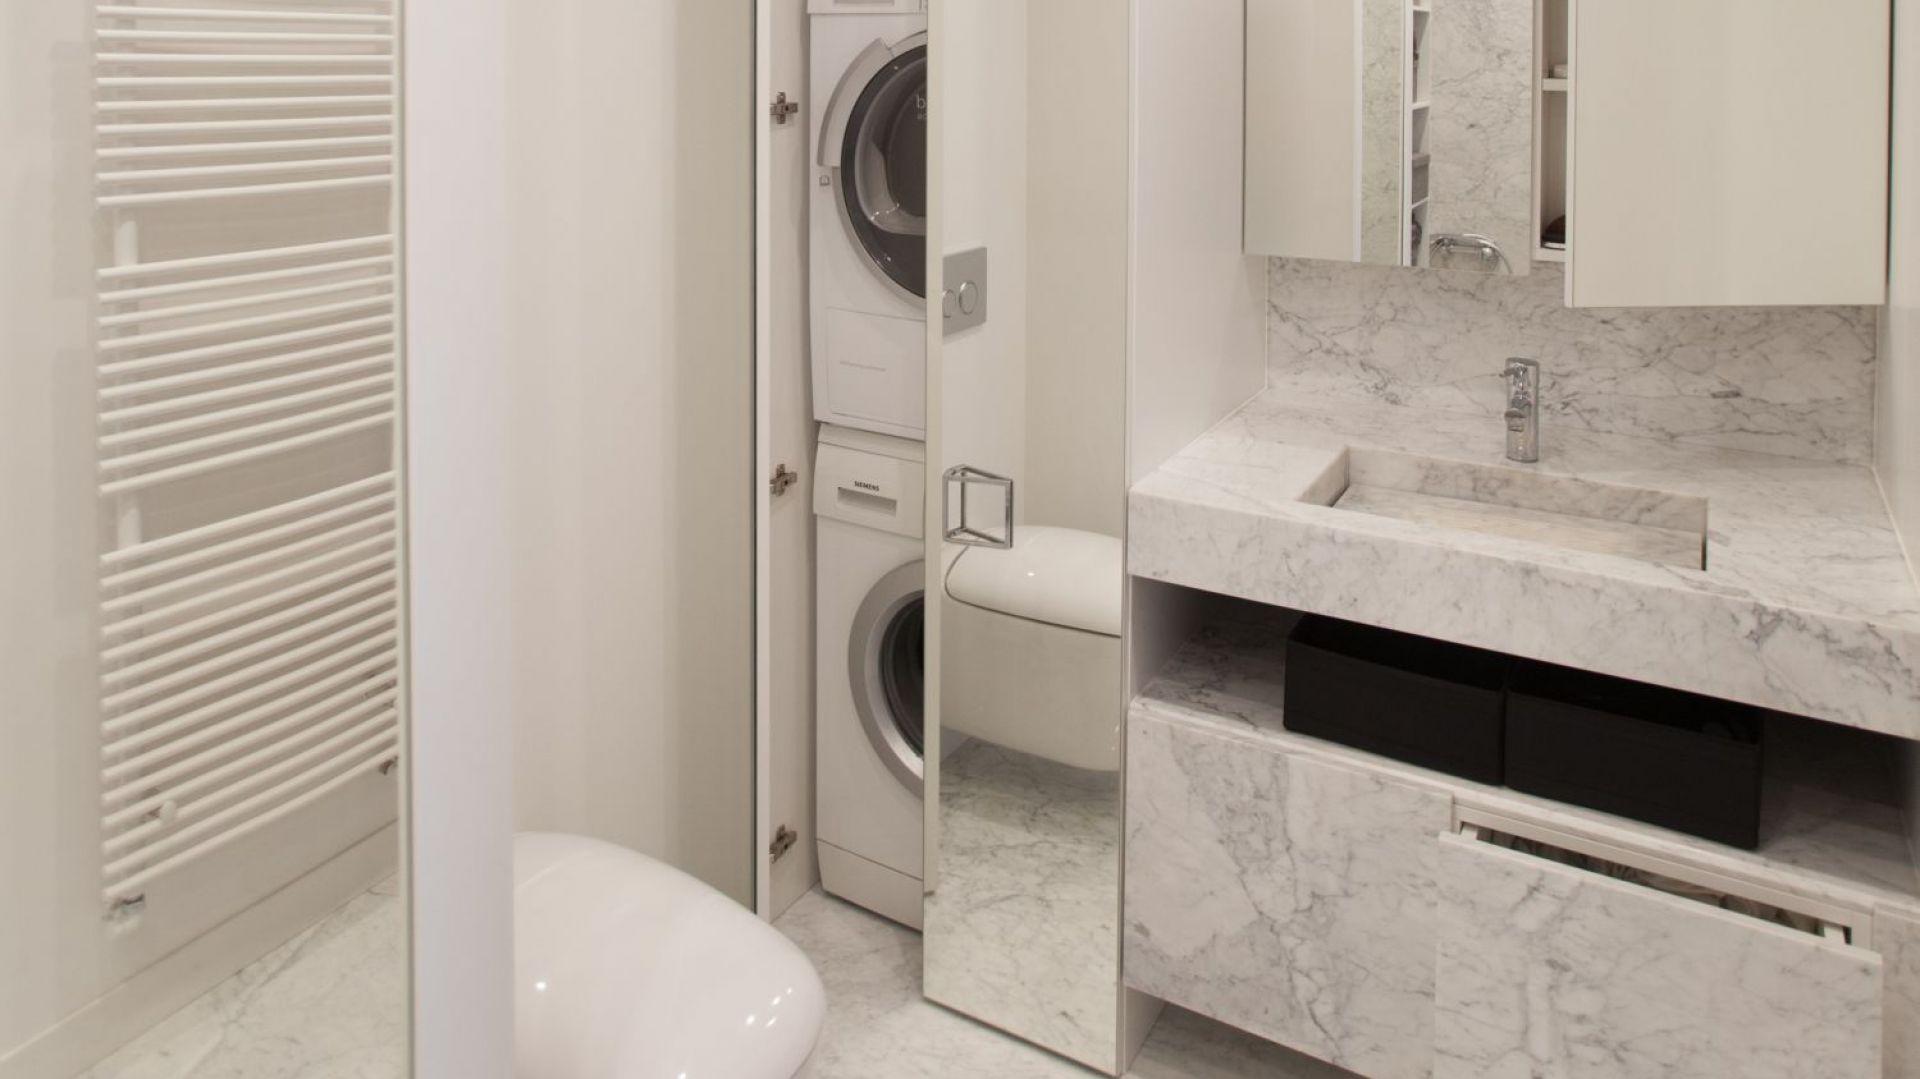 Wysoki słupek pomieścił nie tylko pralkę, ale i suszarkę. Lustrzany front powiększa optycznie łazienkę. Proj. Studio Prostych Form. Fot. Studio Prostych Form